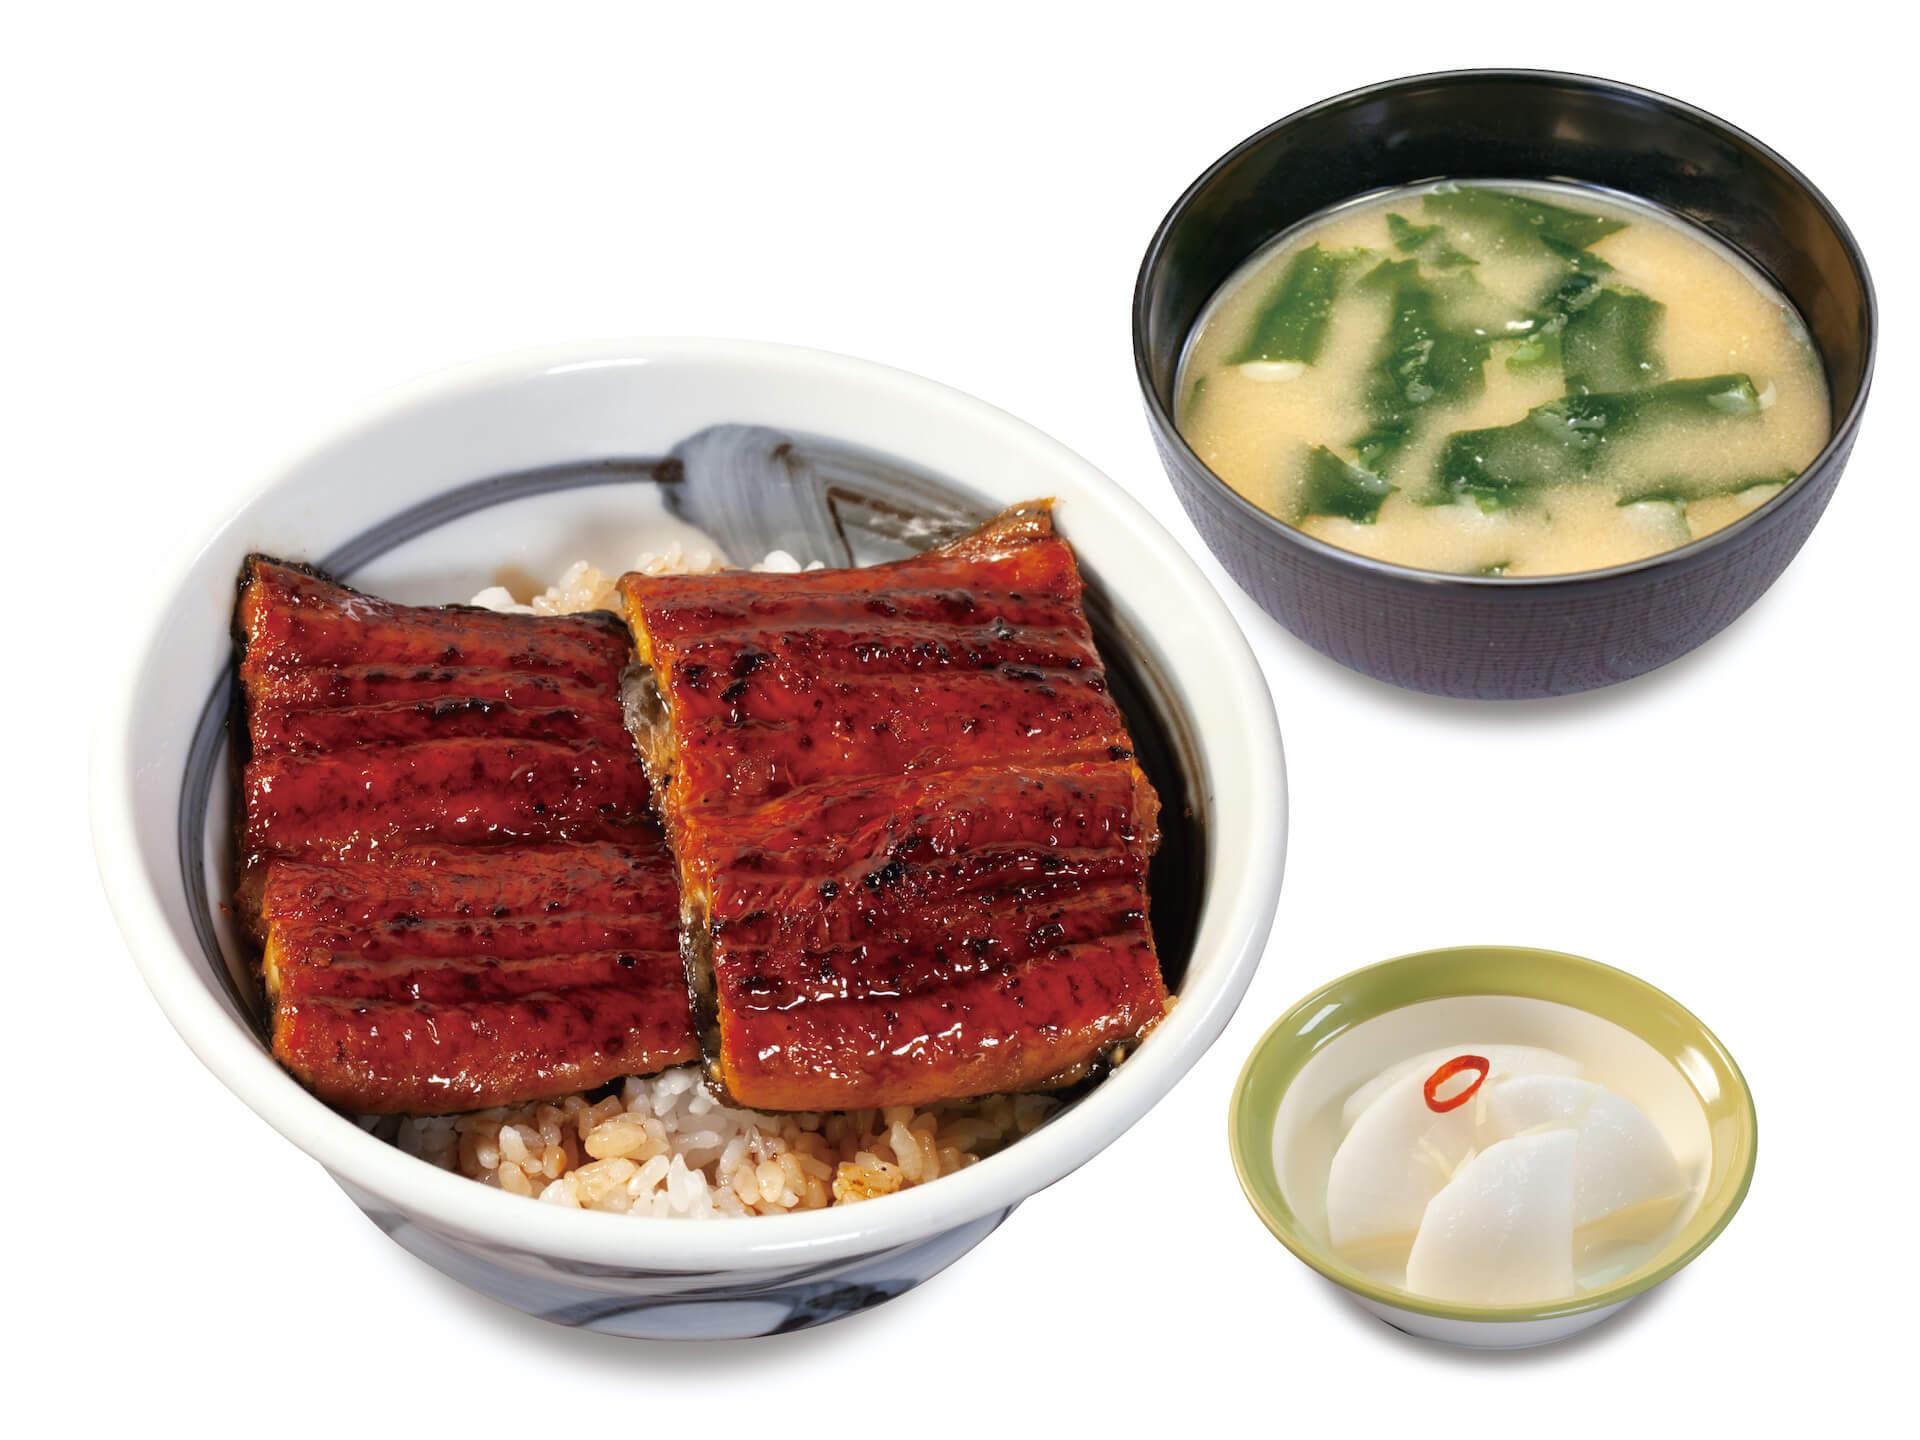 松屋で大人気のふわふわ肉厚な『うな丼』が松のやにも期間限定で登場!ライス大盛り無料サービスも gourmet200715_unadon_03